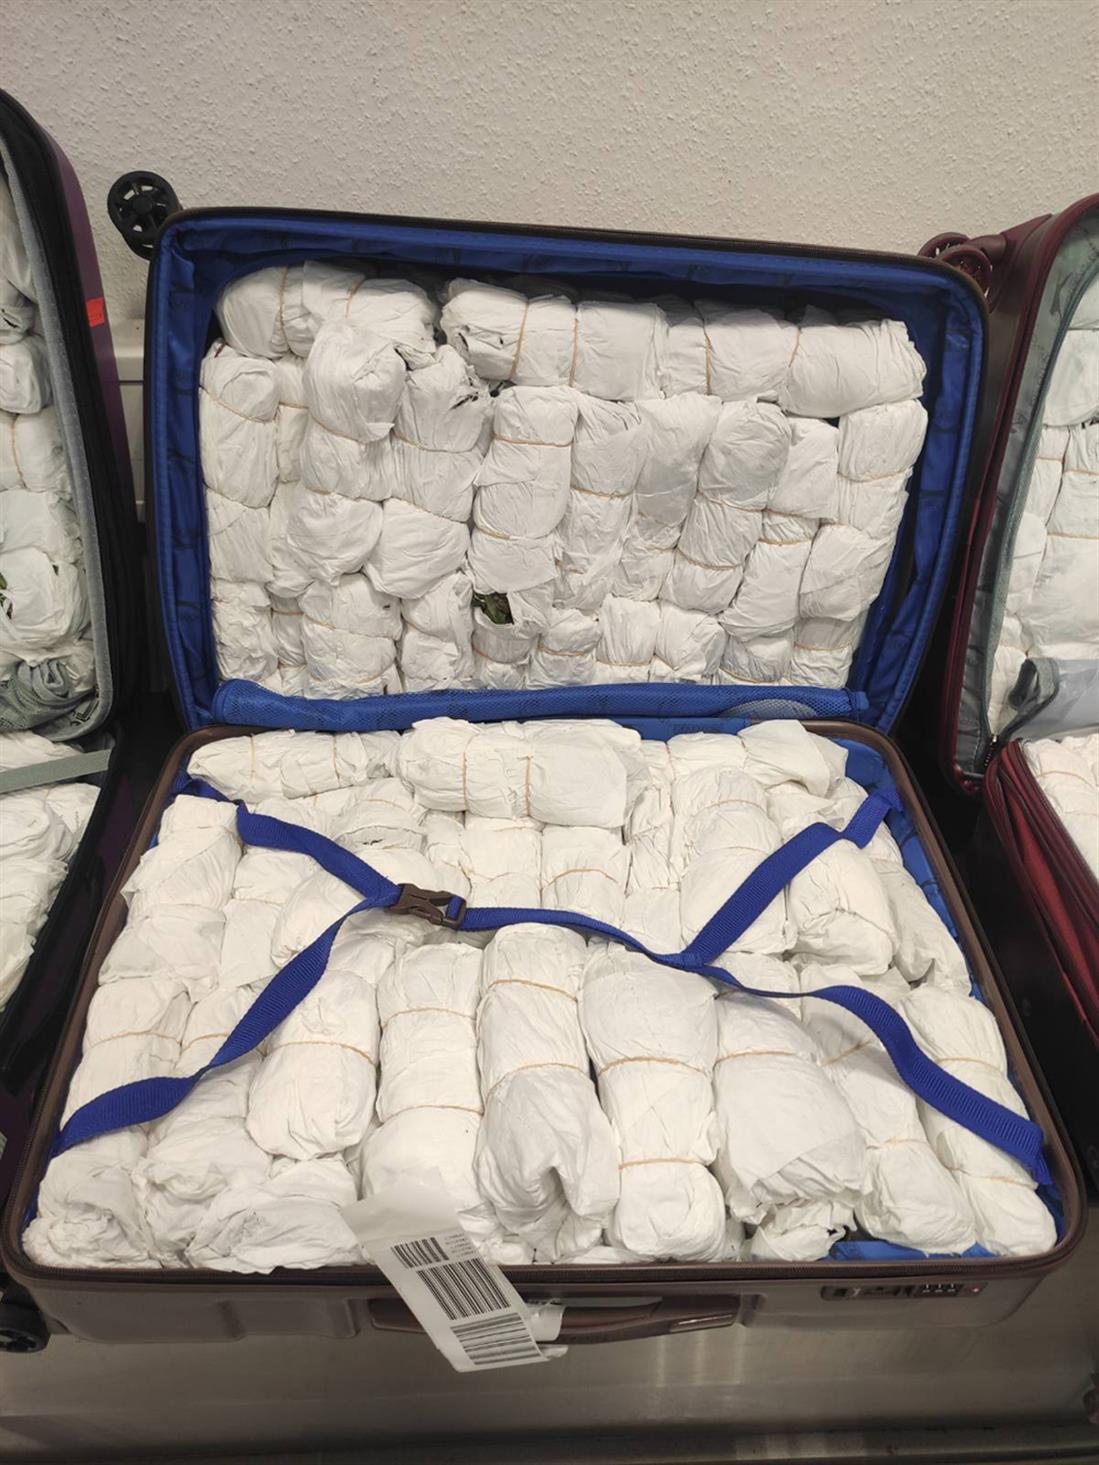 Διεθνής Αερολιμένας Αθηνών - συλλήψεις - ναρκωτικά